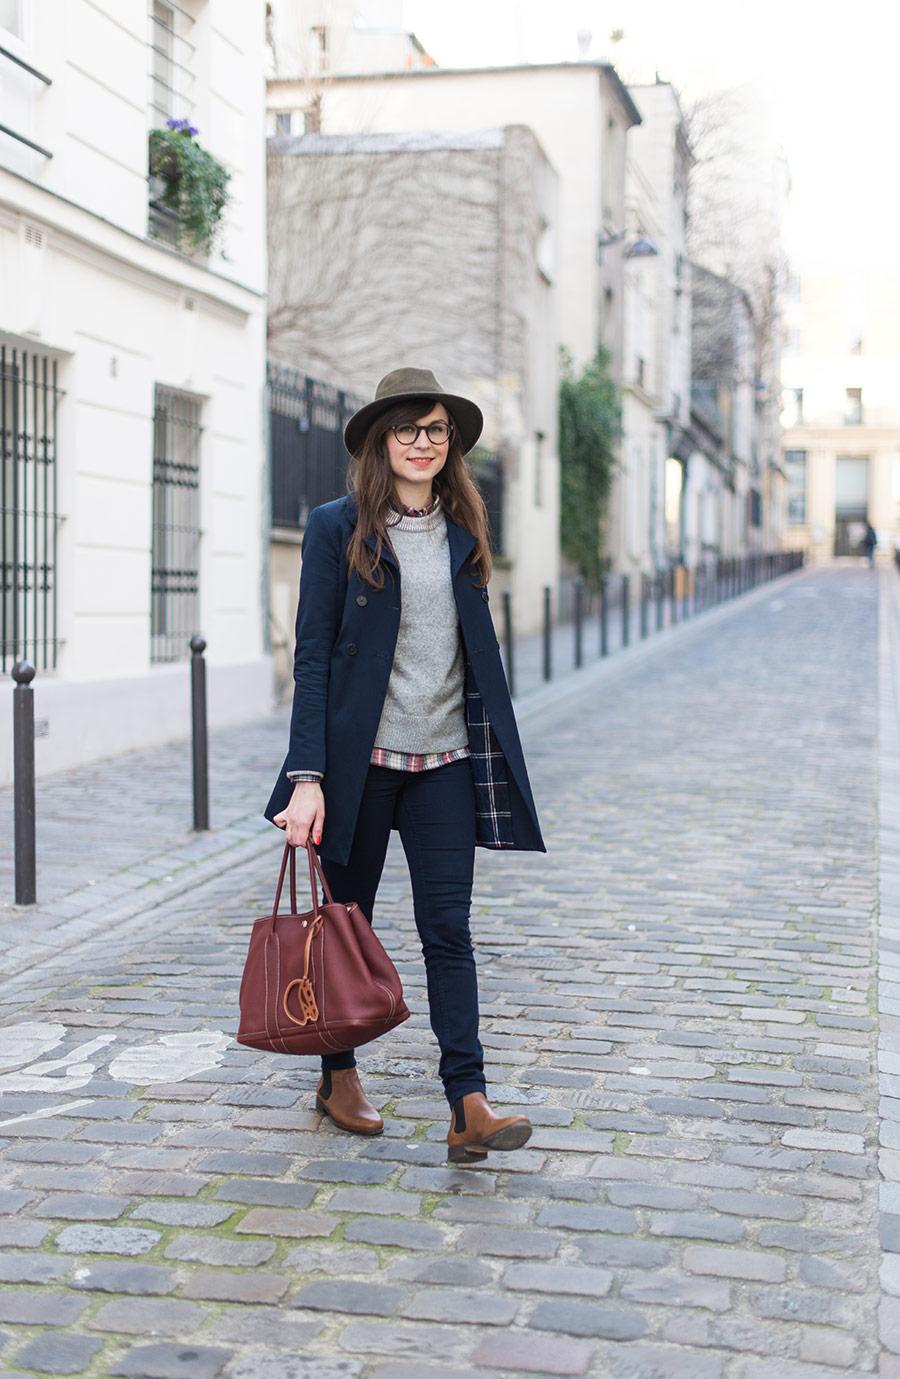 Blog Mode And The City - www.modeandthecity.net - Le pull gris doudou Gap - chemise carreaux Gap